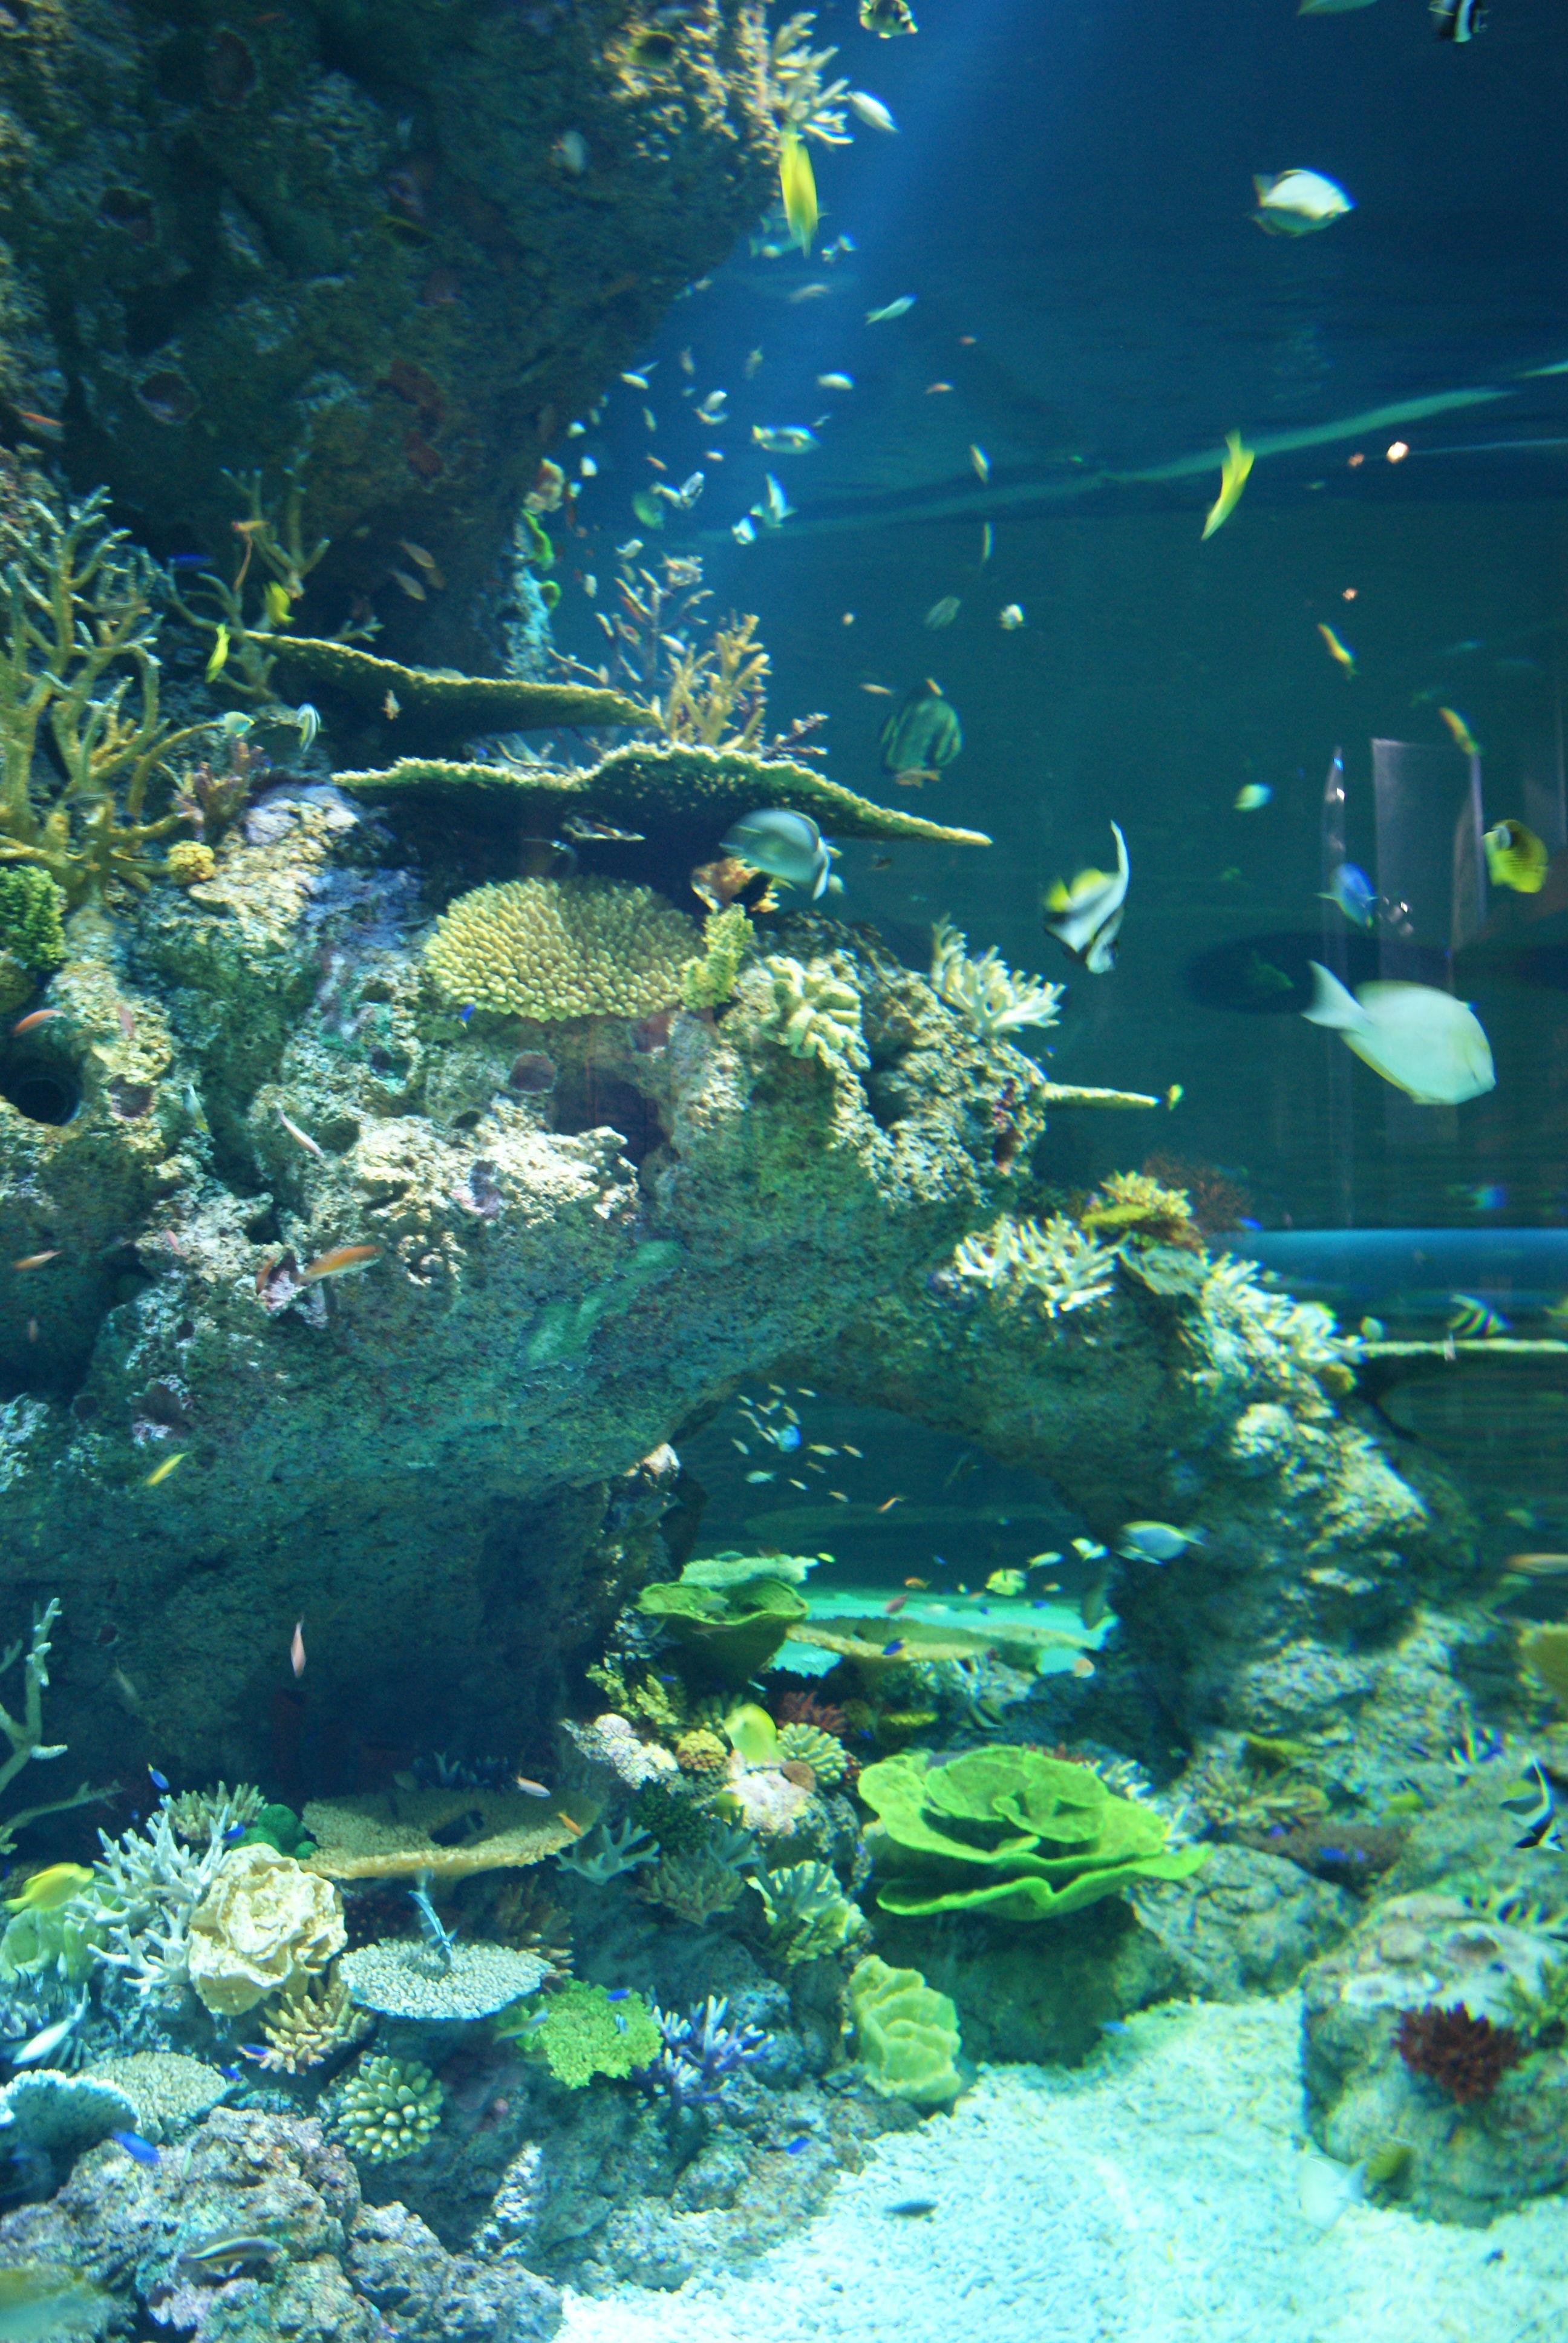 Fish aquarium in sentosa - File Fish In The S E A Aquarium Marine Life Park Resorts World Sentosa Singapore 20130105 05 Jpg